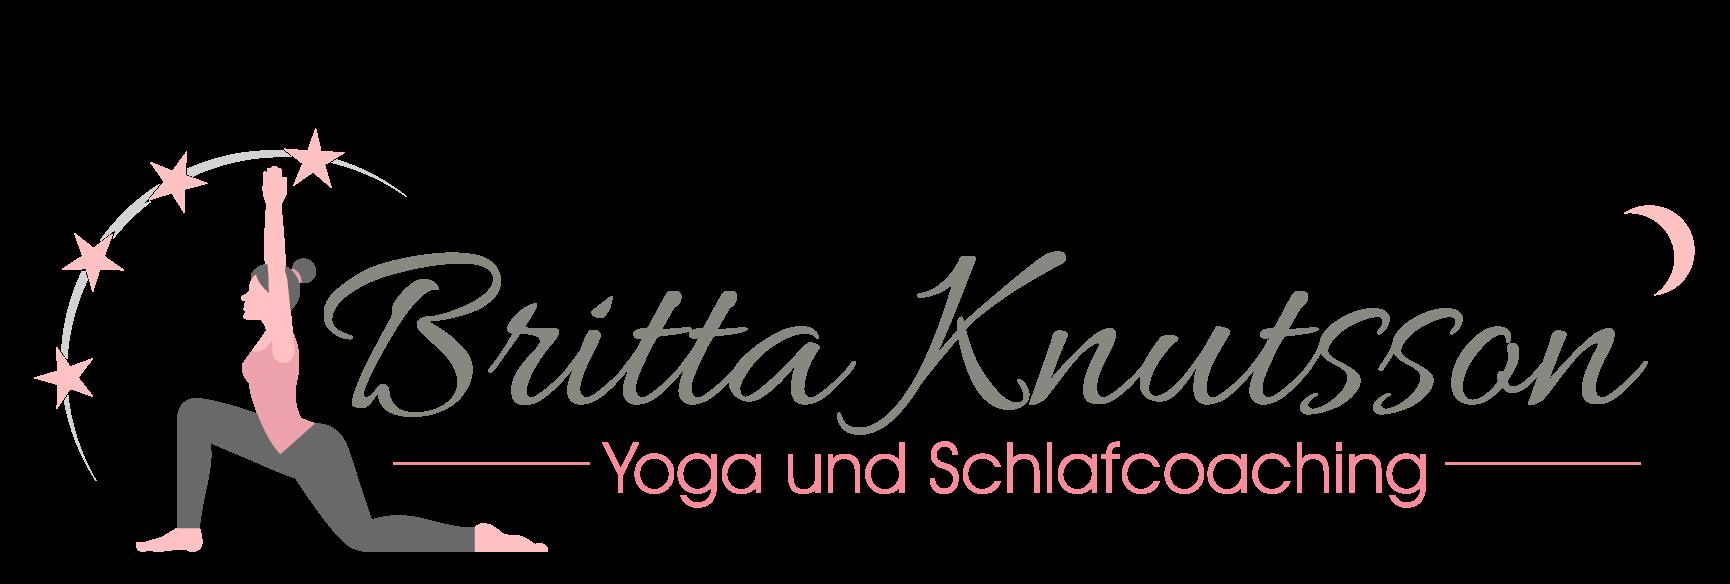 Britta Knutsson – Yoga und Schlafcoaching